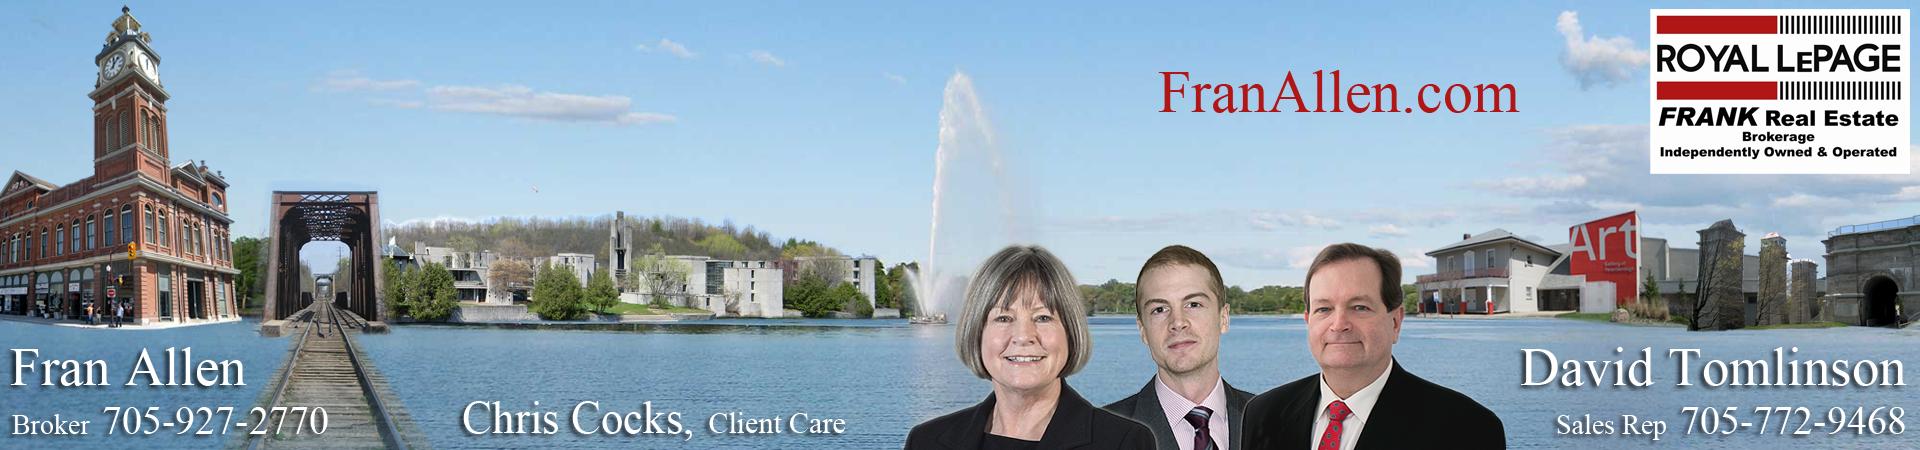 Fran Allen & David Tomlinson - Royal LePage FRANK Real Estate